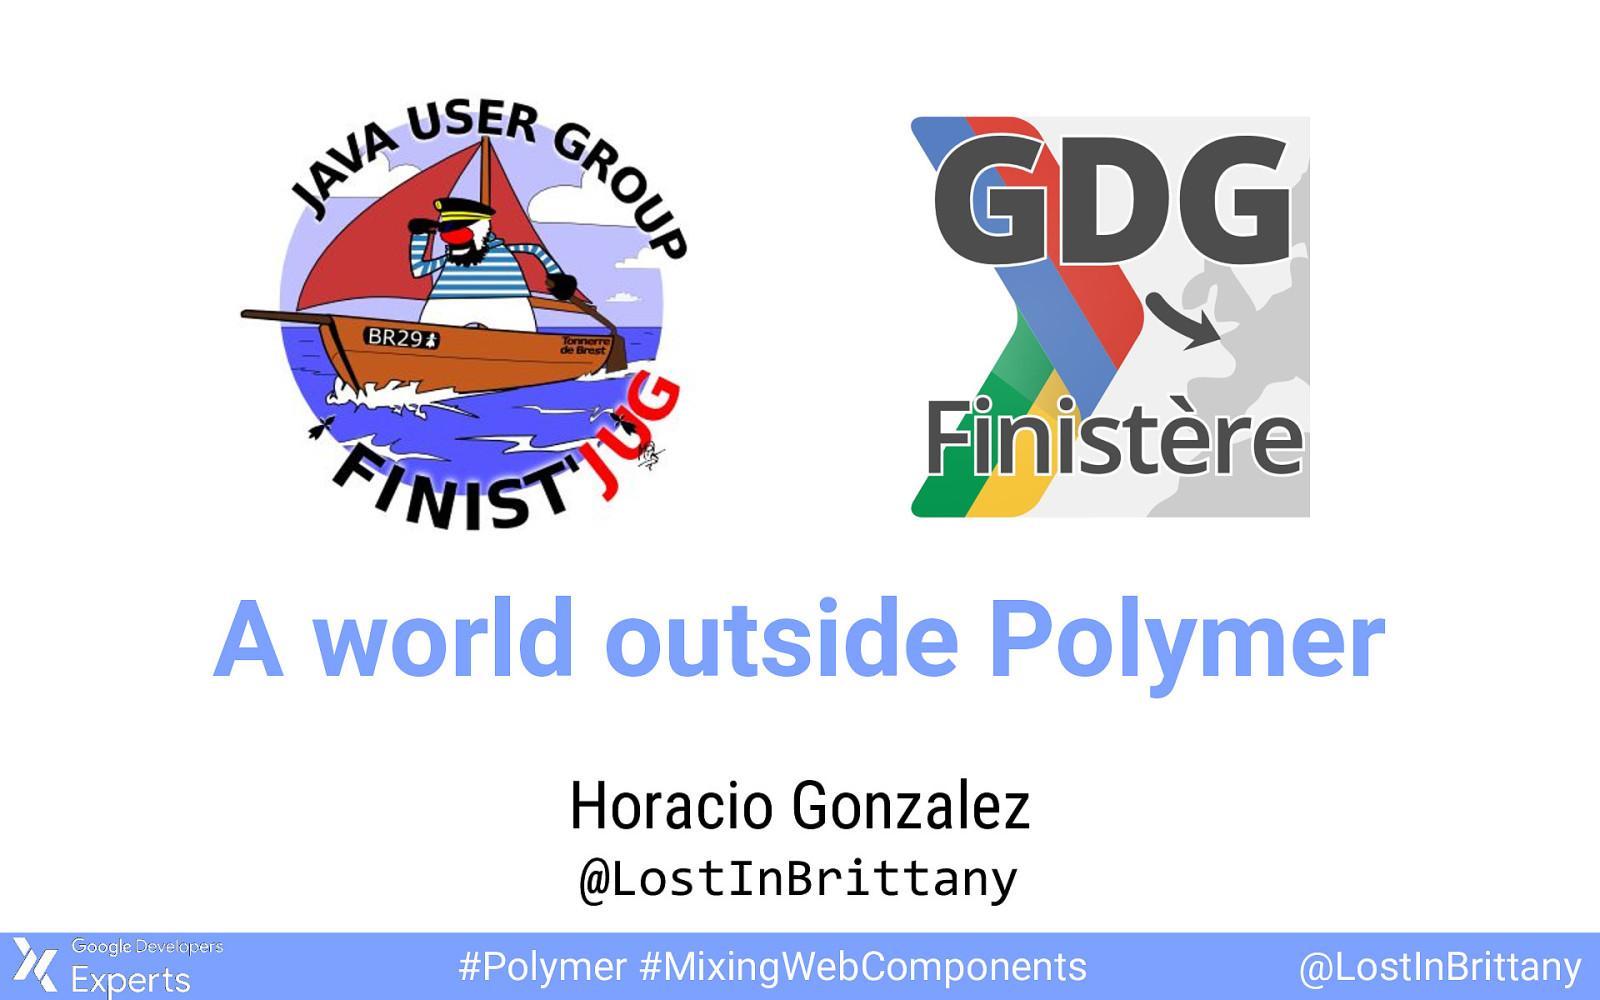 Il n'y a pas que Polymer dans la vie…